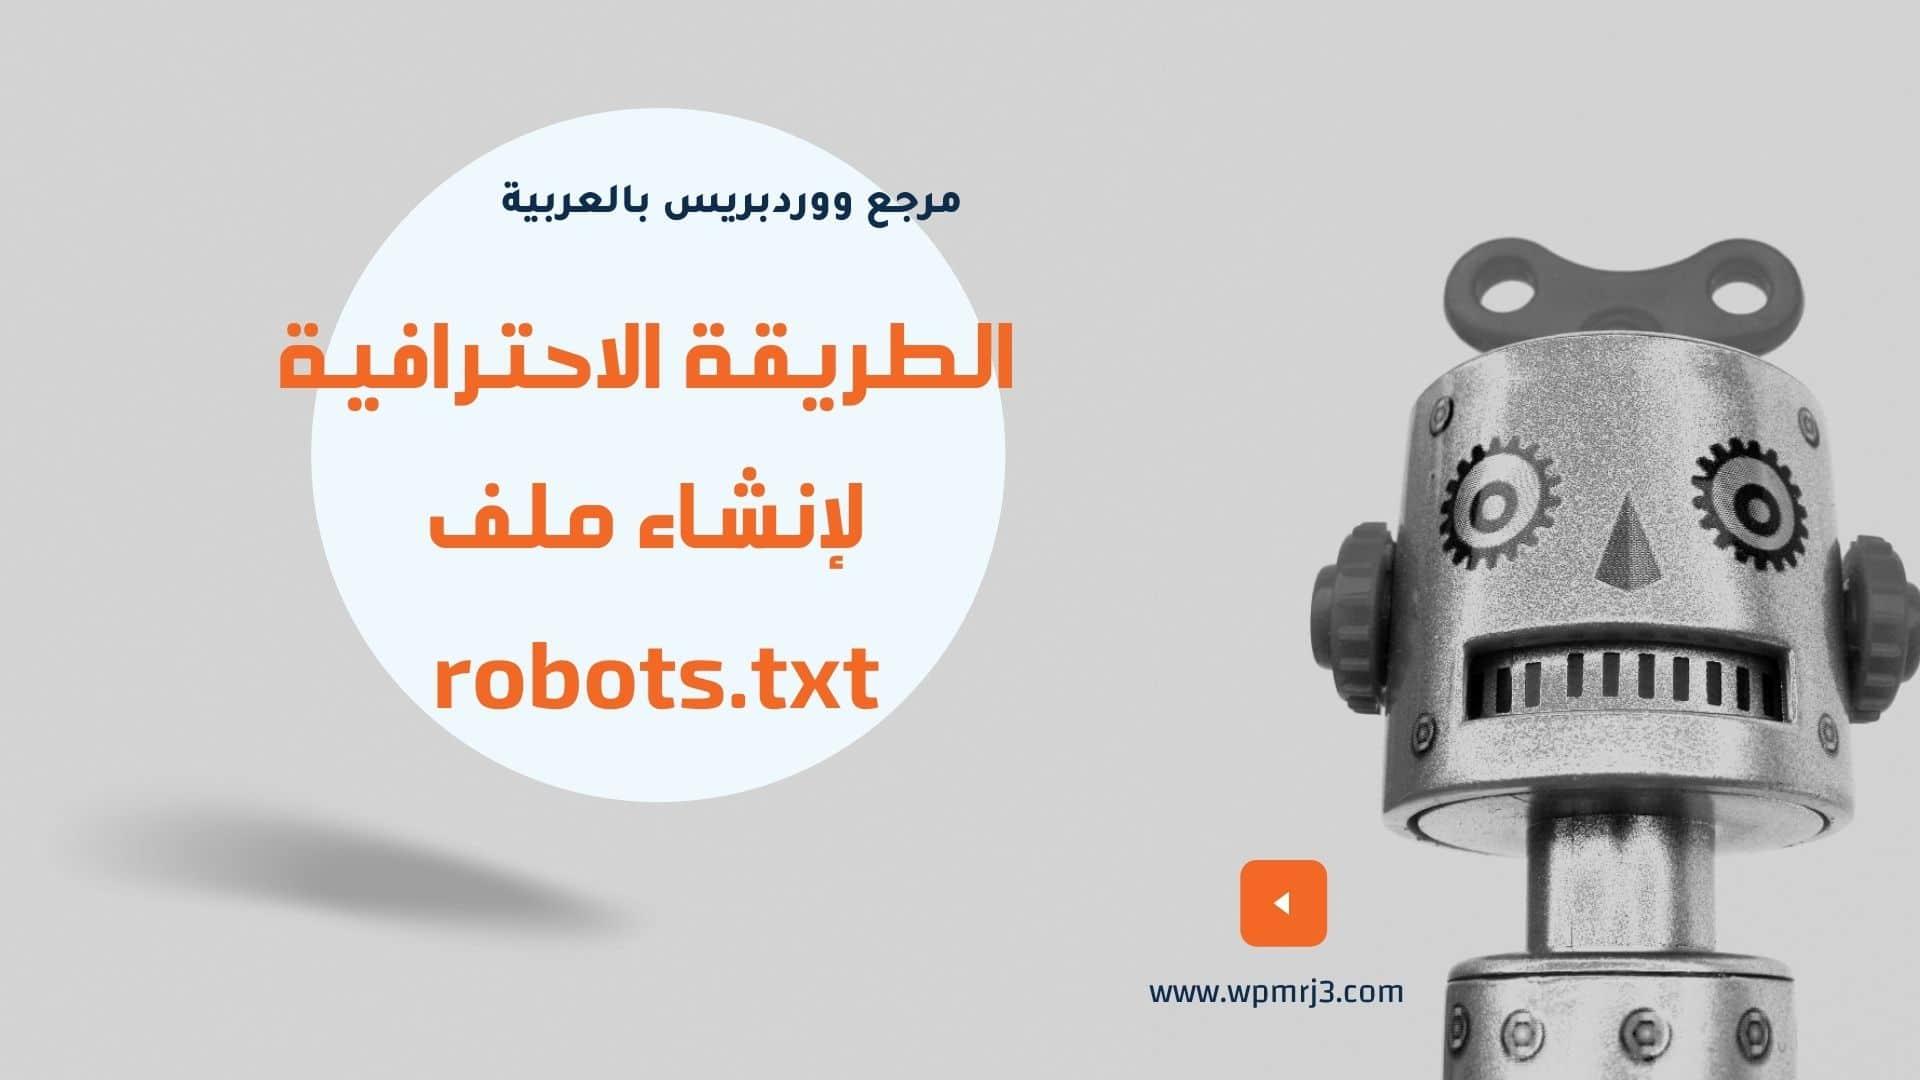 الطريقة الاحترافية لإنشاء ملف robots.txt